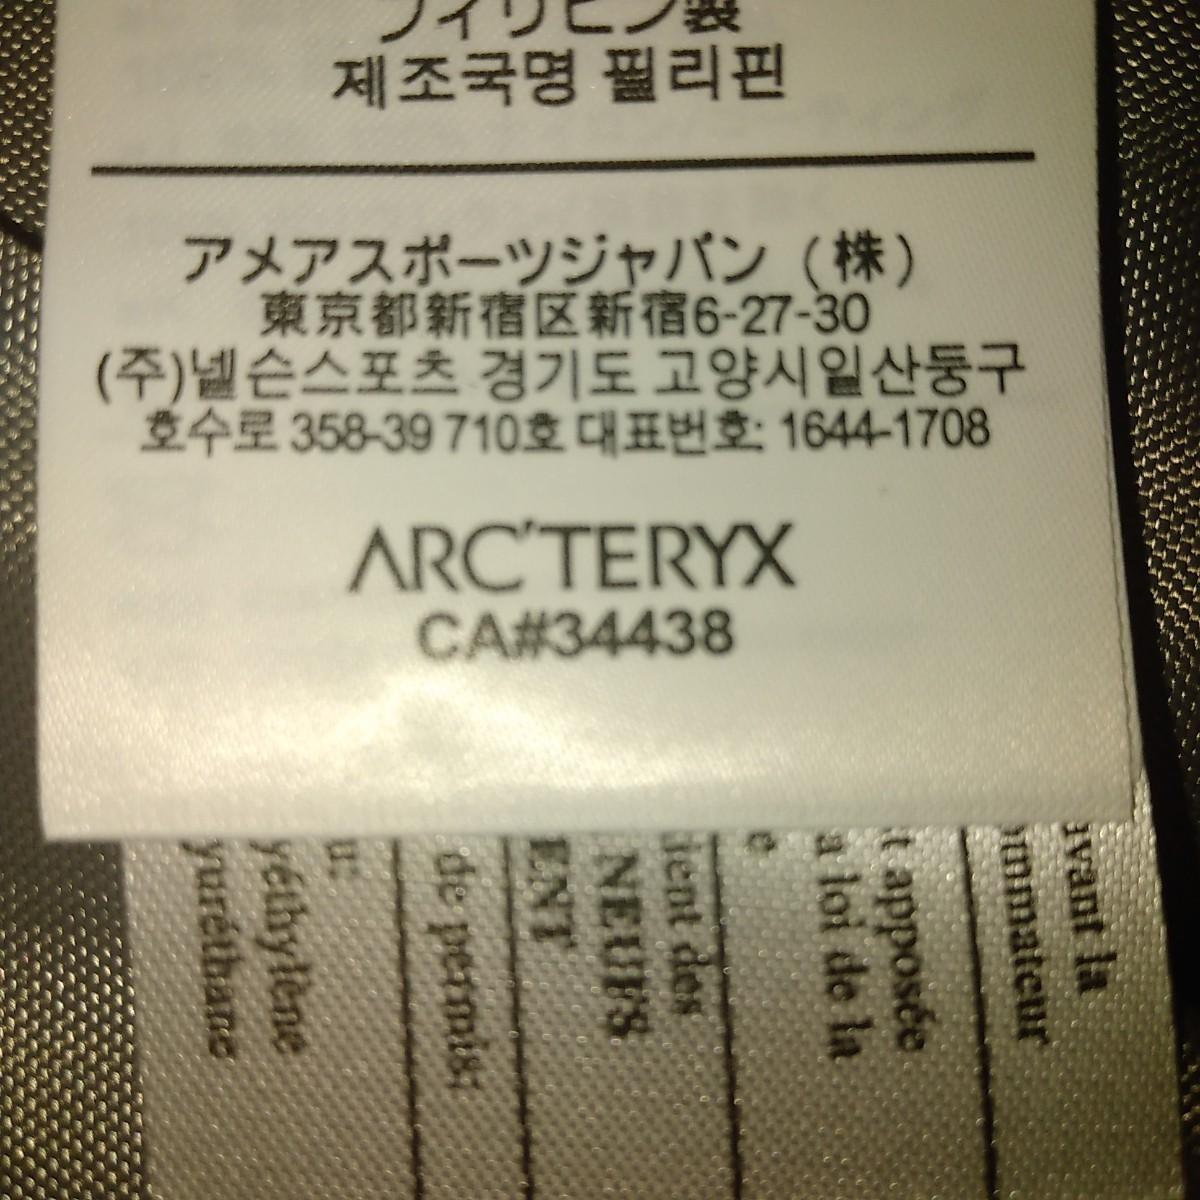 アークテリクス ●●バックパック ARC'TERYX ブレード 20 タグ付